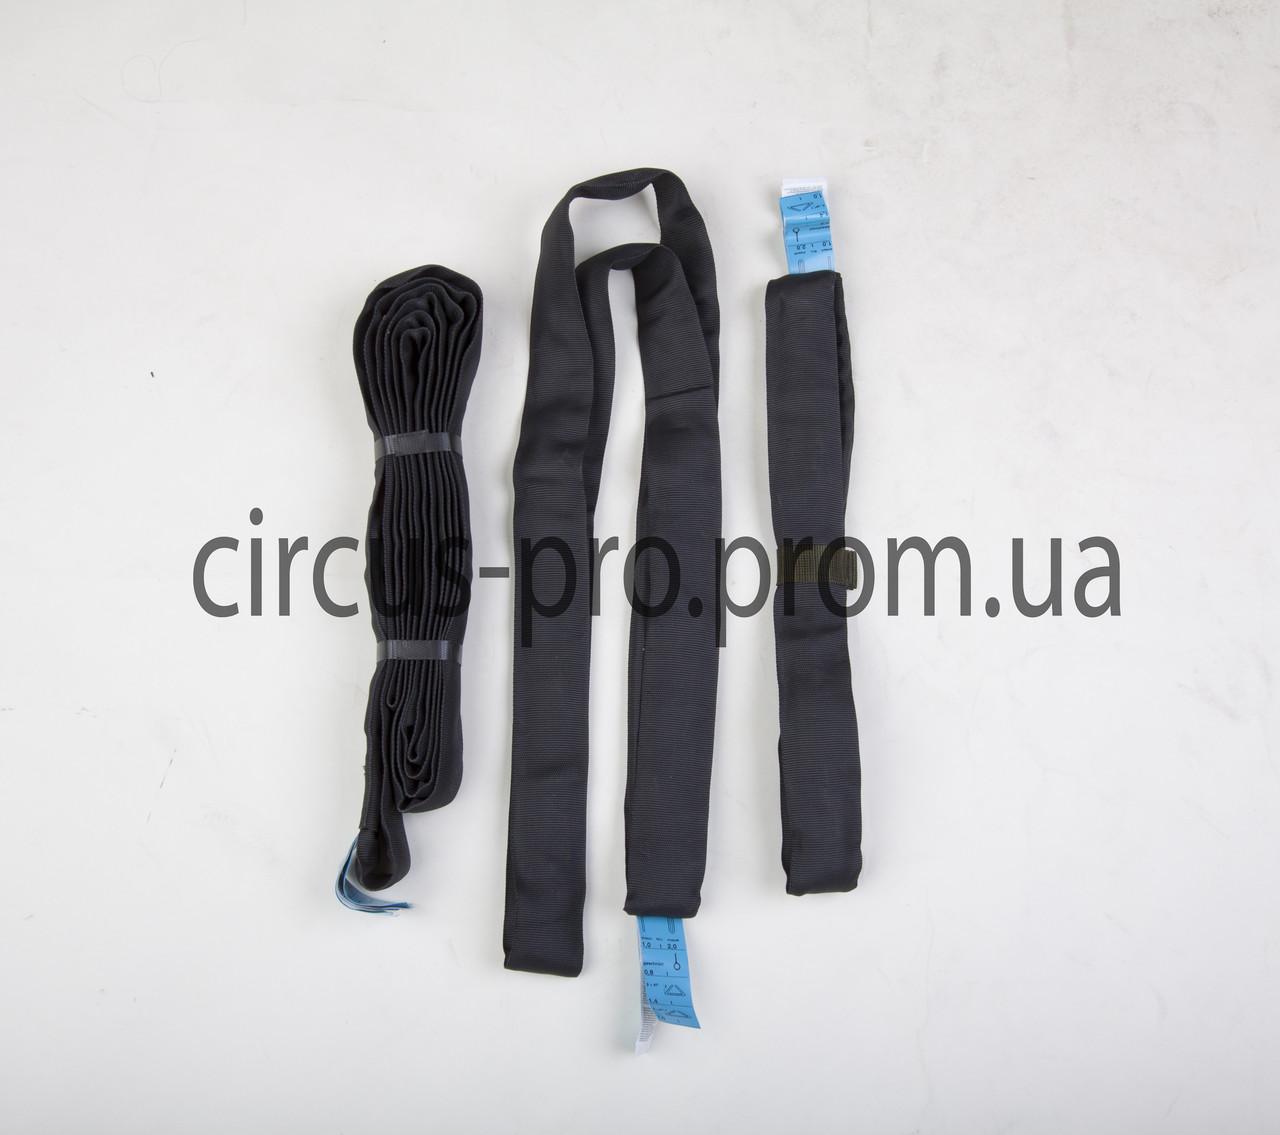 Стропы для подвески воздушного кольца 2.5м